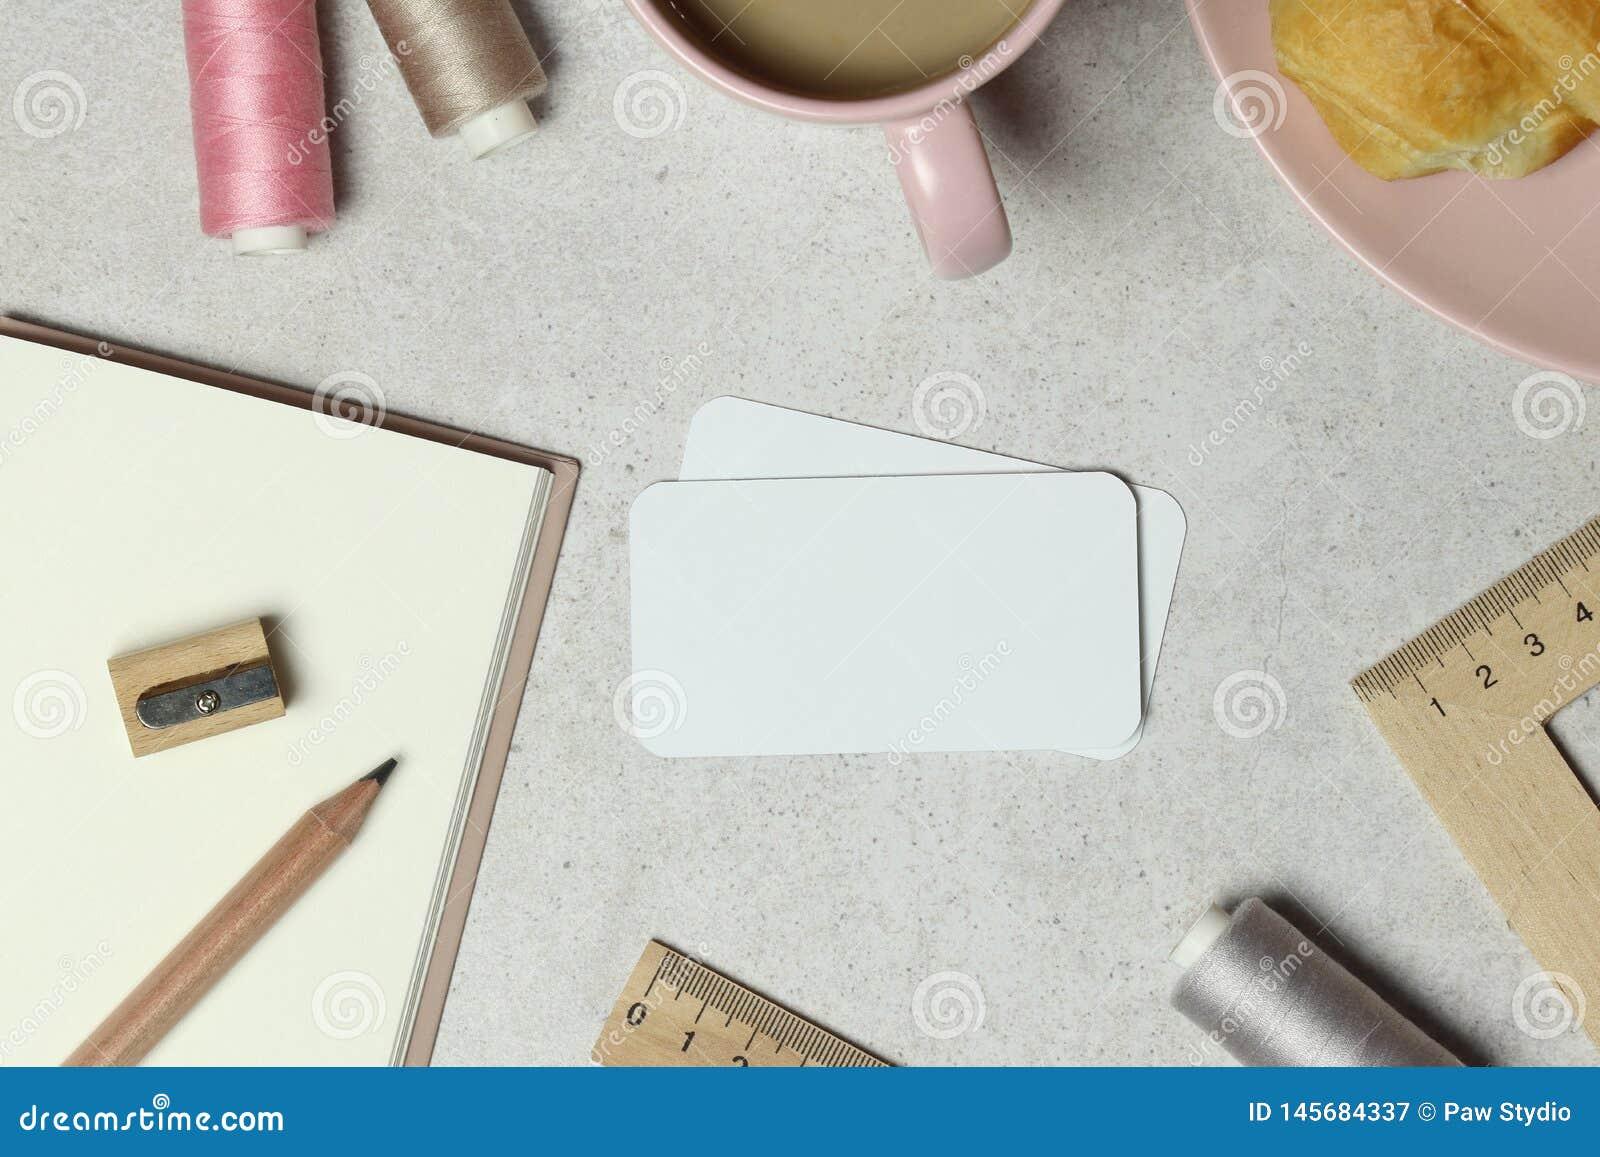 Визитная карточка модель-макета на граните с блокнотом, серыми и розовыми потоками, чашкой кофе и тортом, деревянным карандашем,